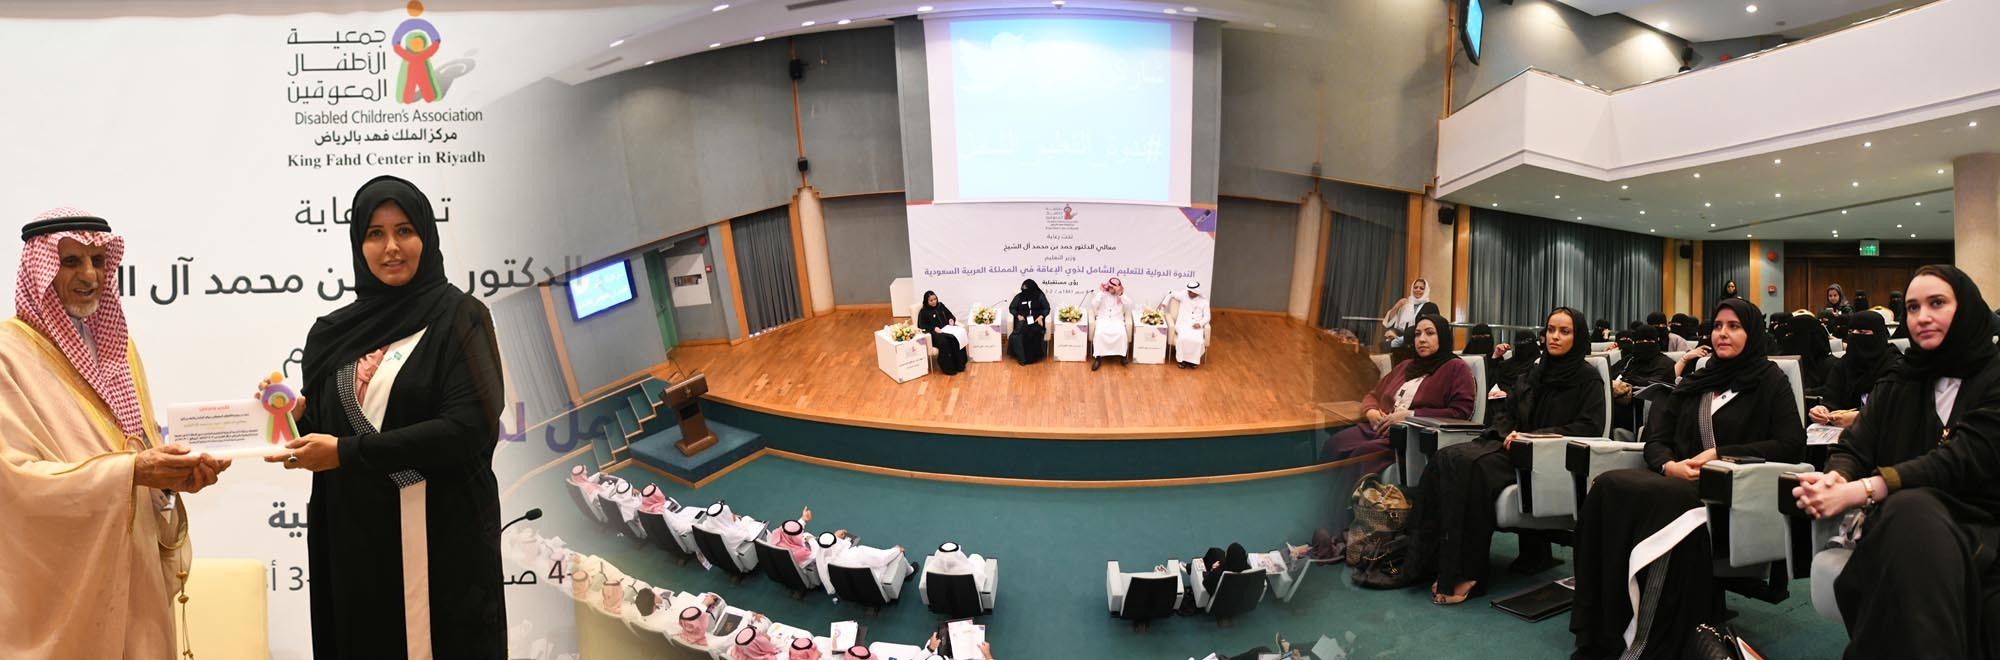 فعاليات افتتاح الندوة الدولية للتعليم الشامل بمركز الجمعية في الرياض